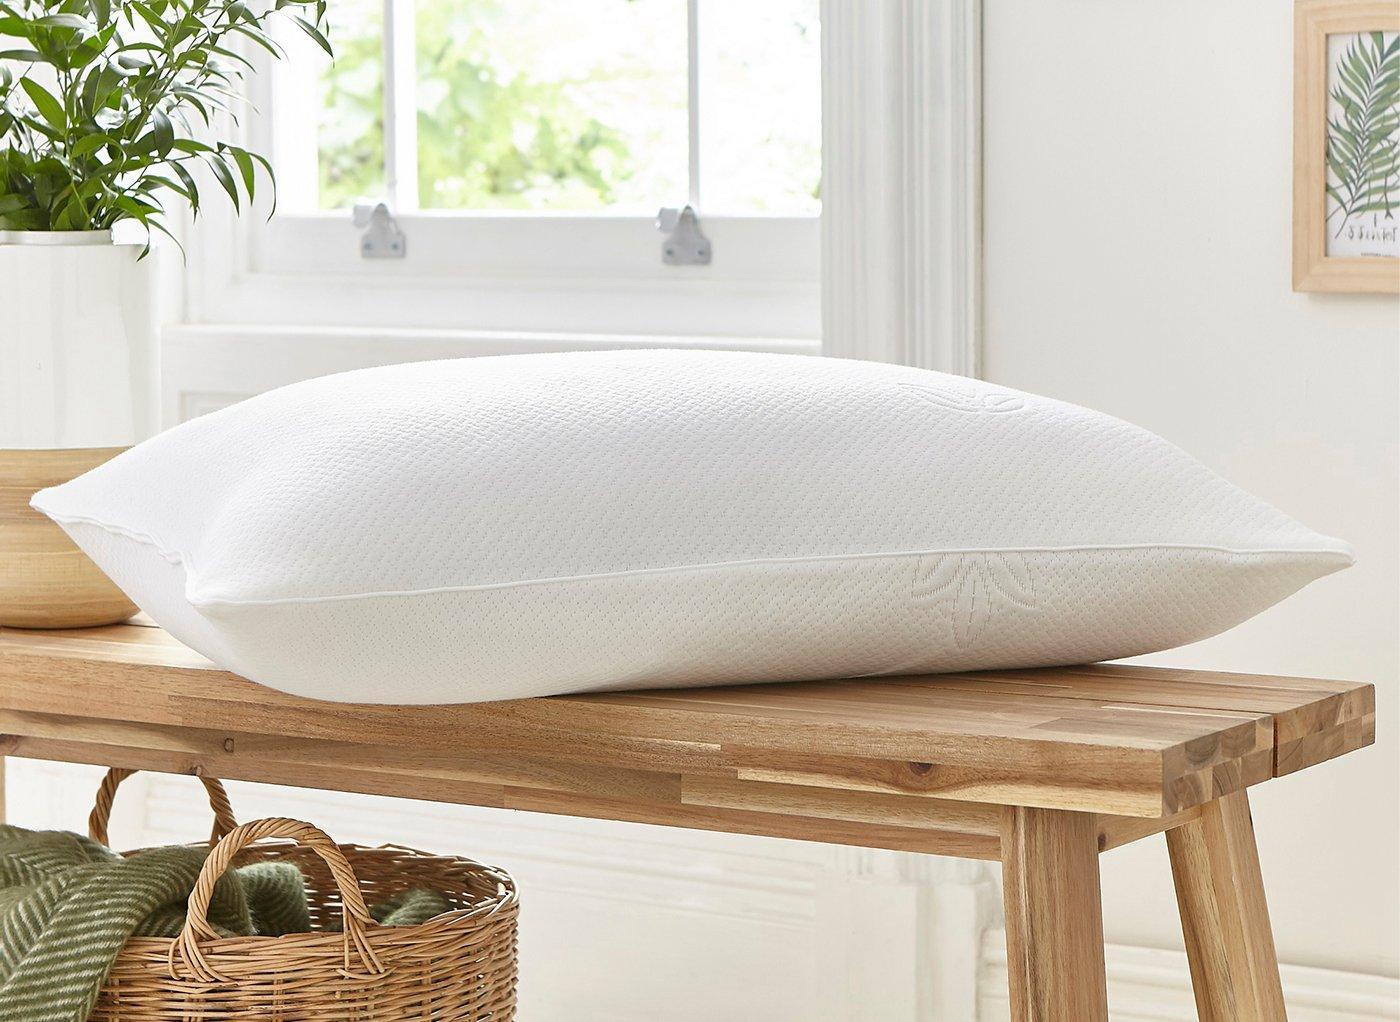 Silentnight Eco Comfort Firm Pillow